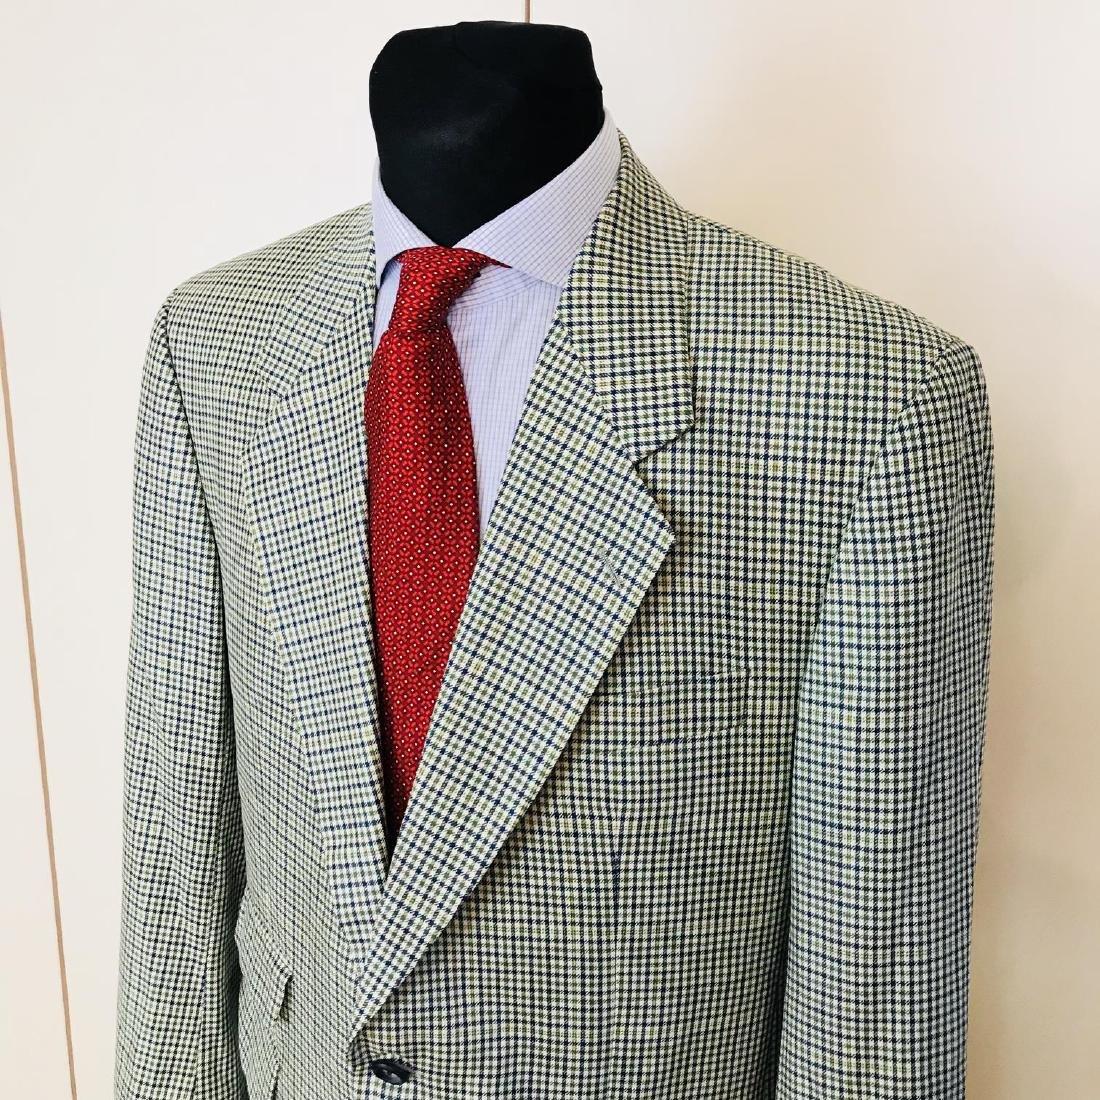 Vintage Men's Pierre Cardin Paris Jacket Blazer Size US - 2